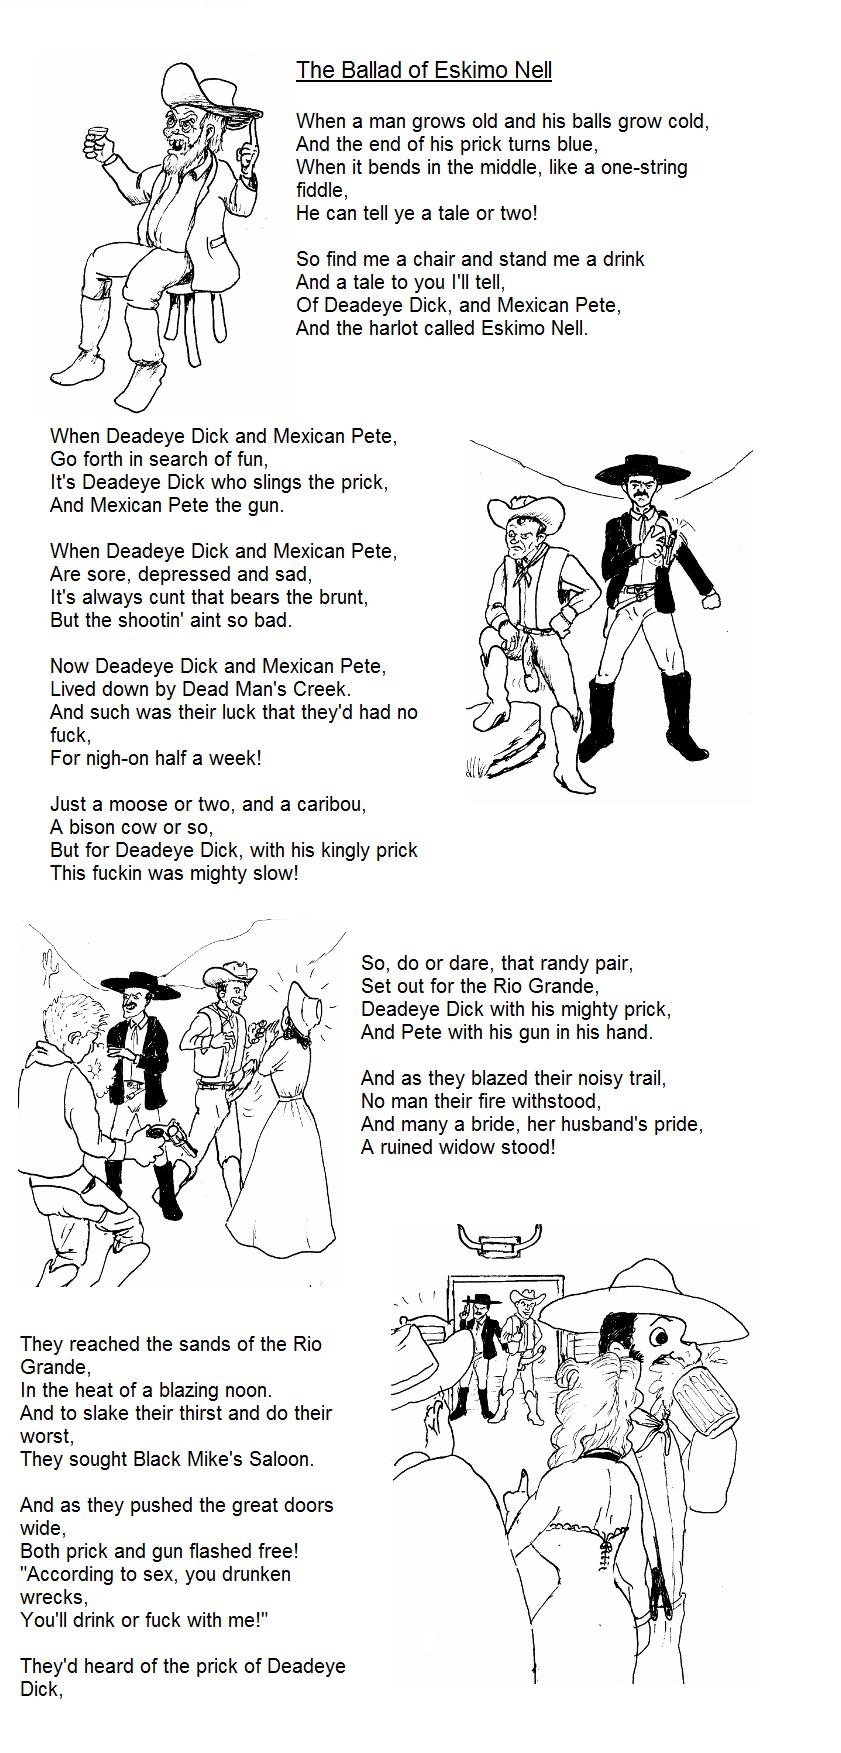 Eskimo Nell (page 1)